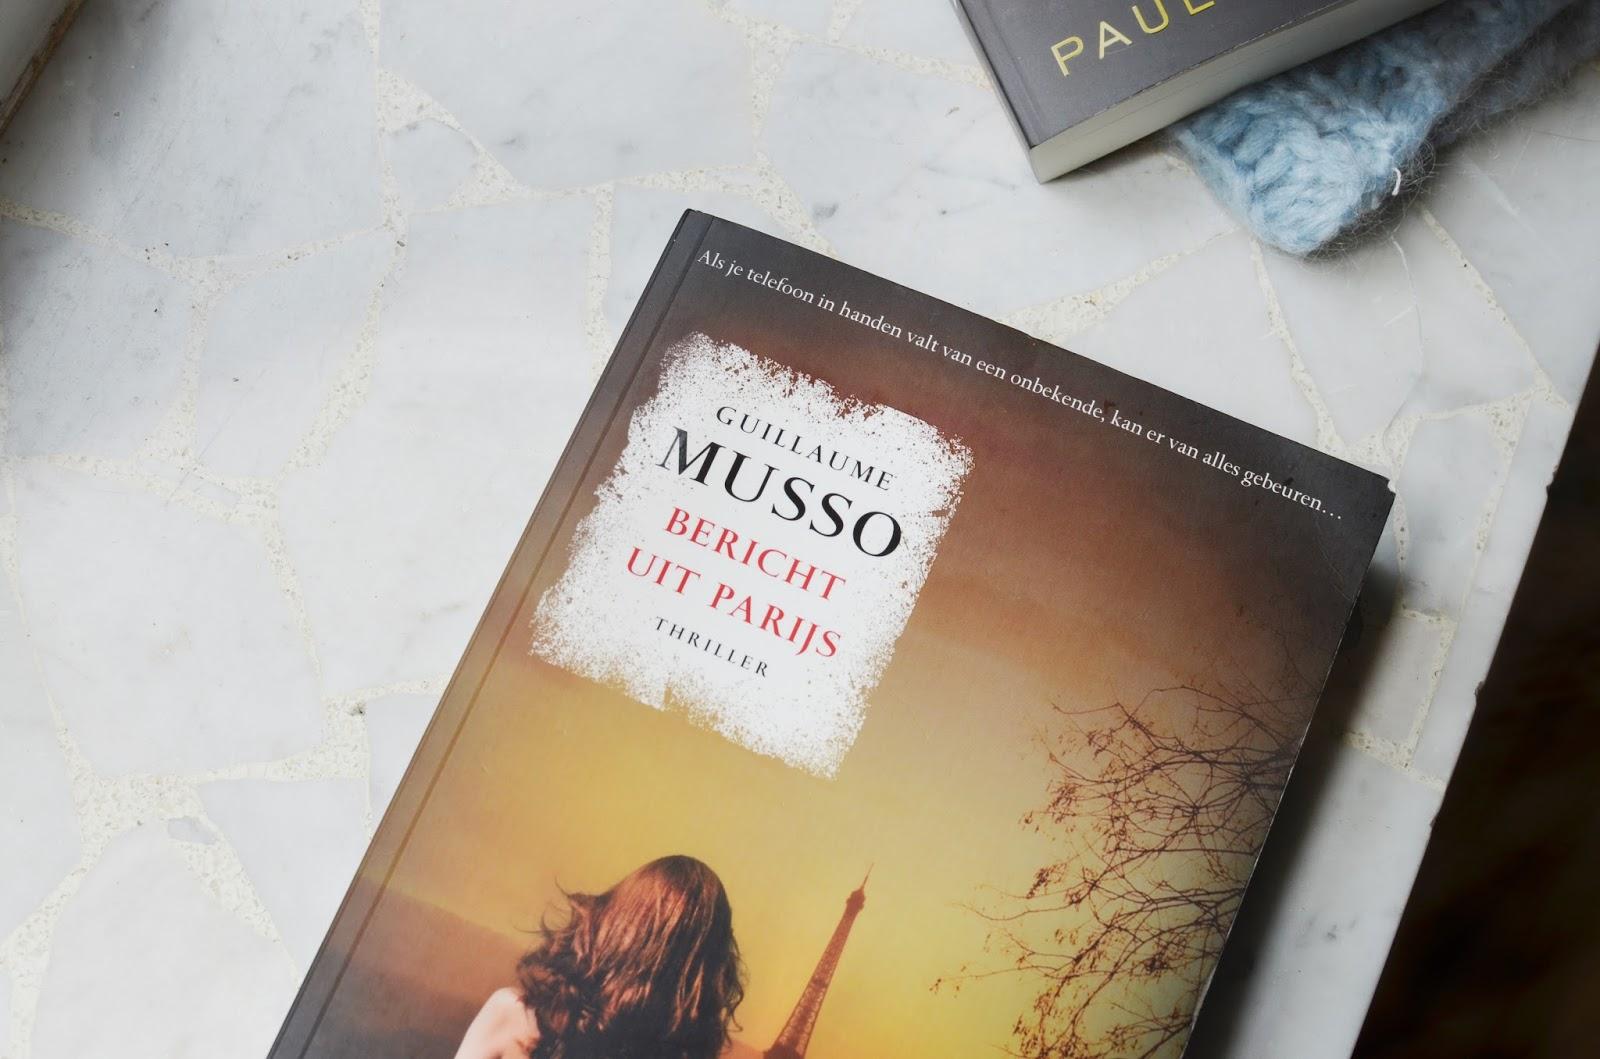 Musso Bericht Uit Parijs.The Unknown Silence Must Reads Voor De Zomer